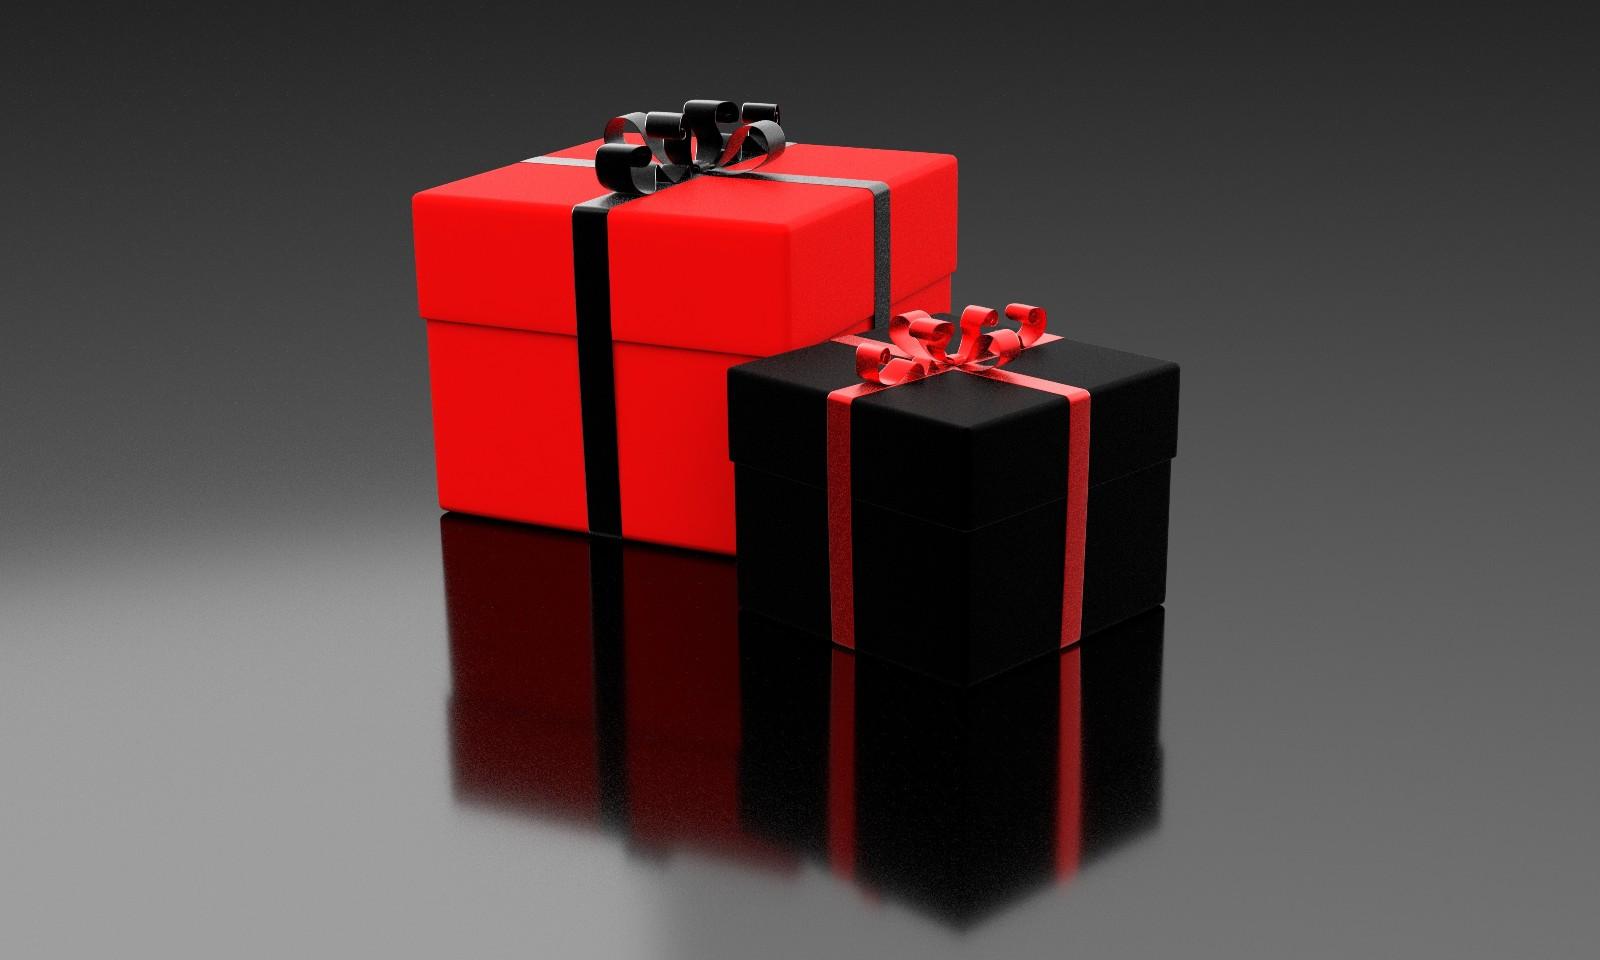 福利礼品凝聚人心的一种好方法